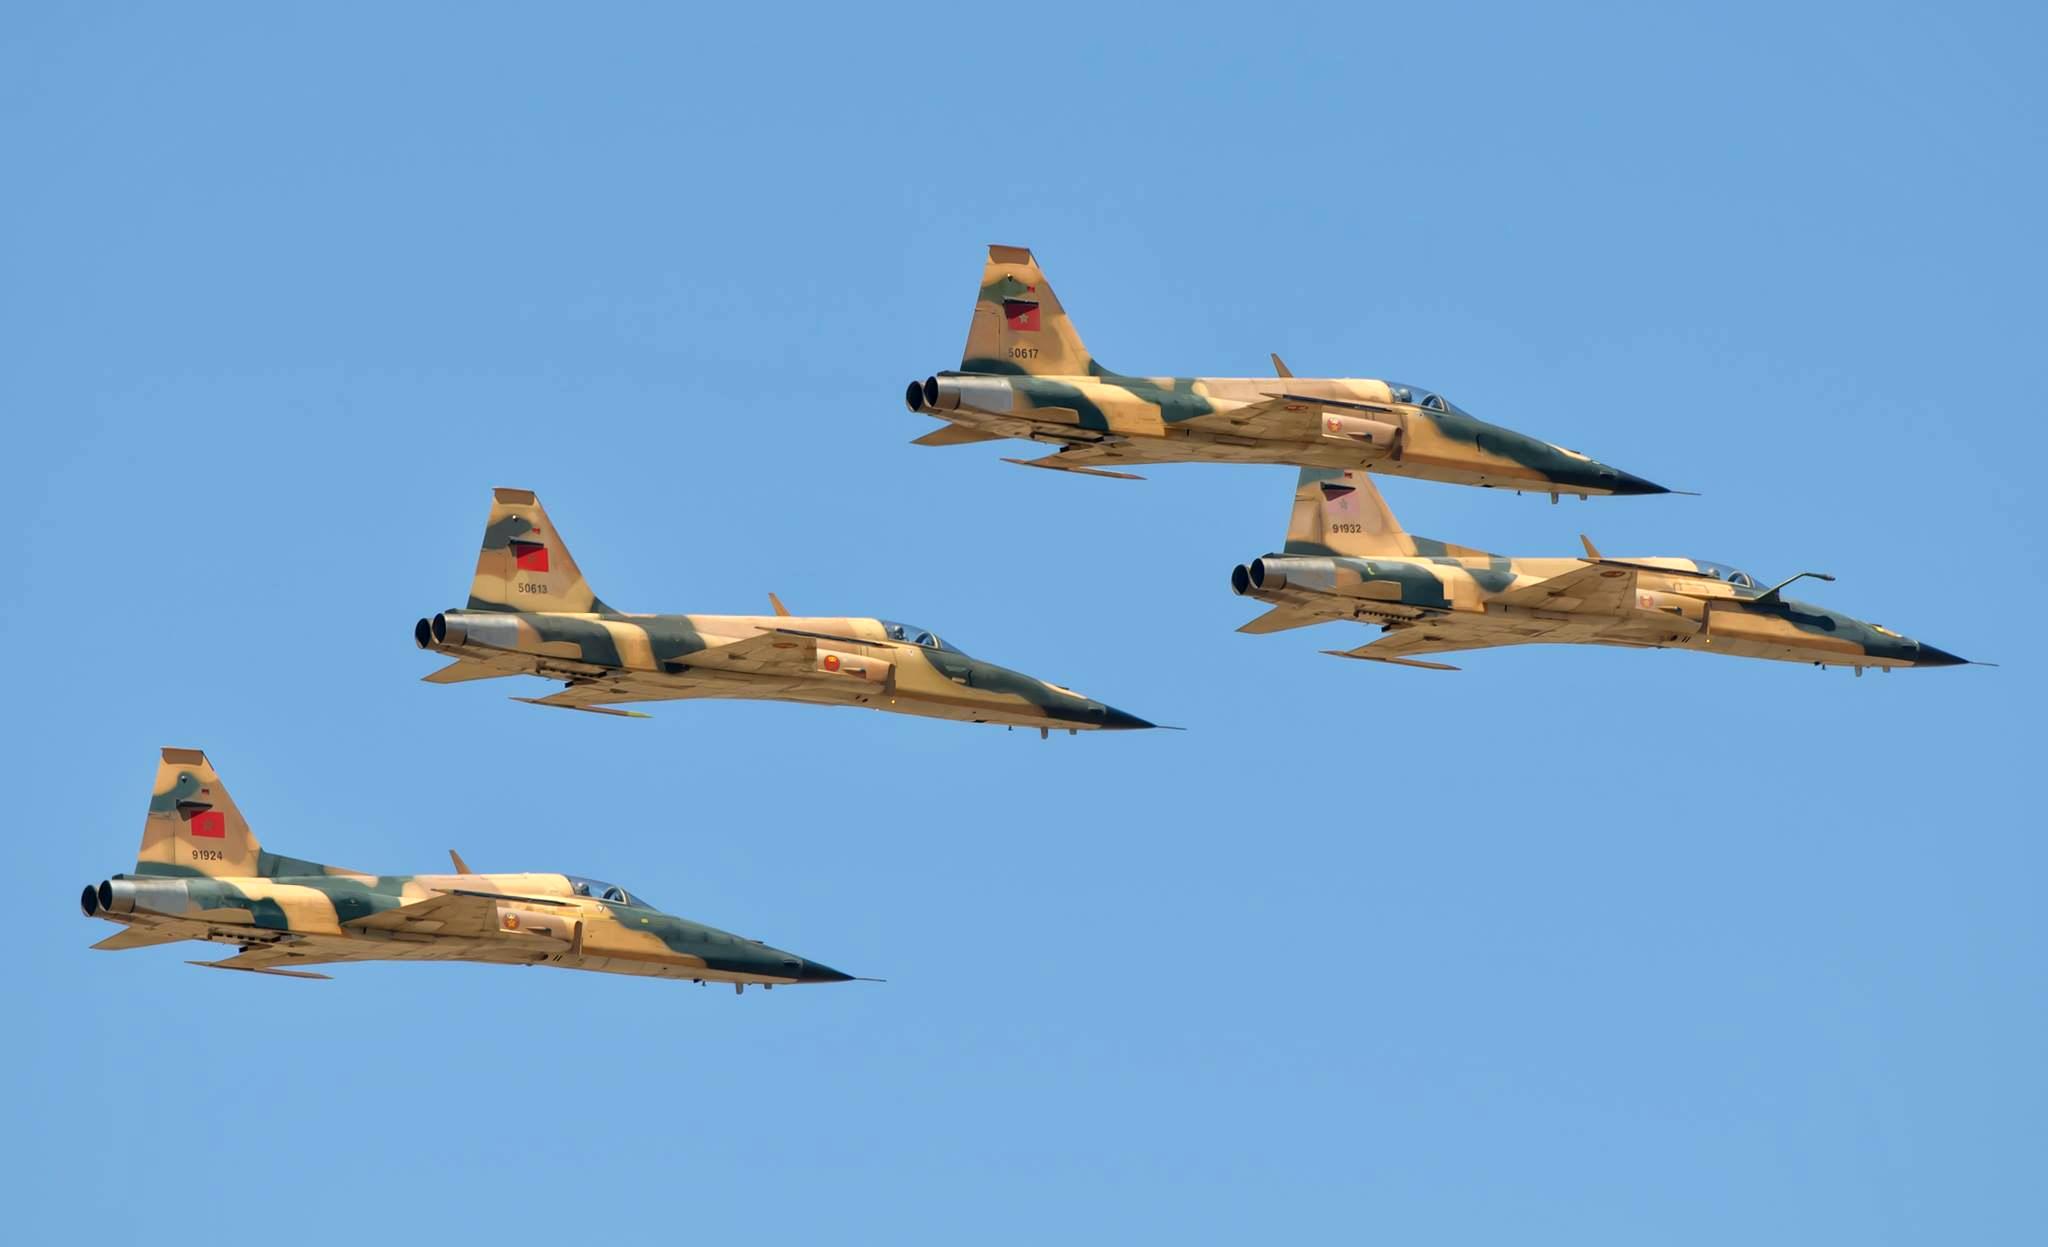 القوات الجوية الملكية المغربية - متجدد - - صفحة 2 160201063651446657